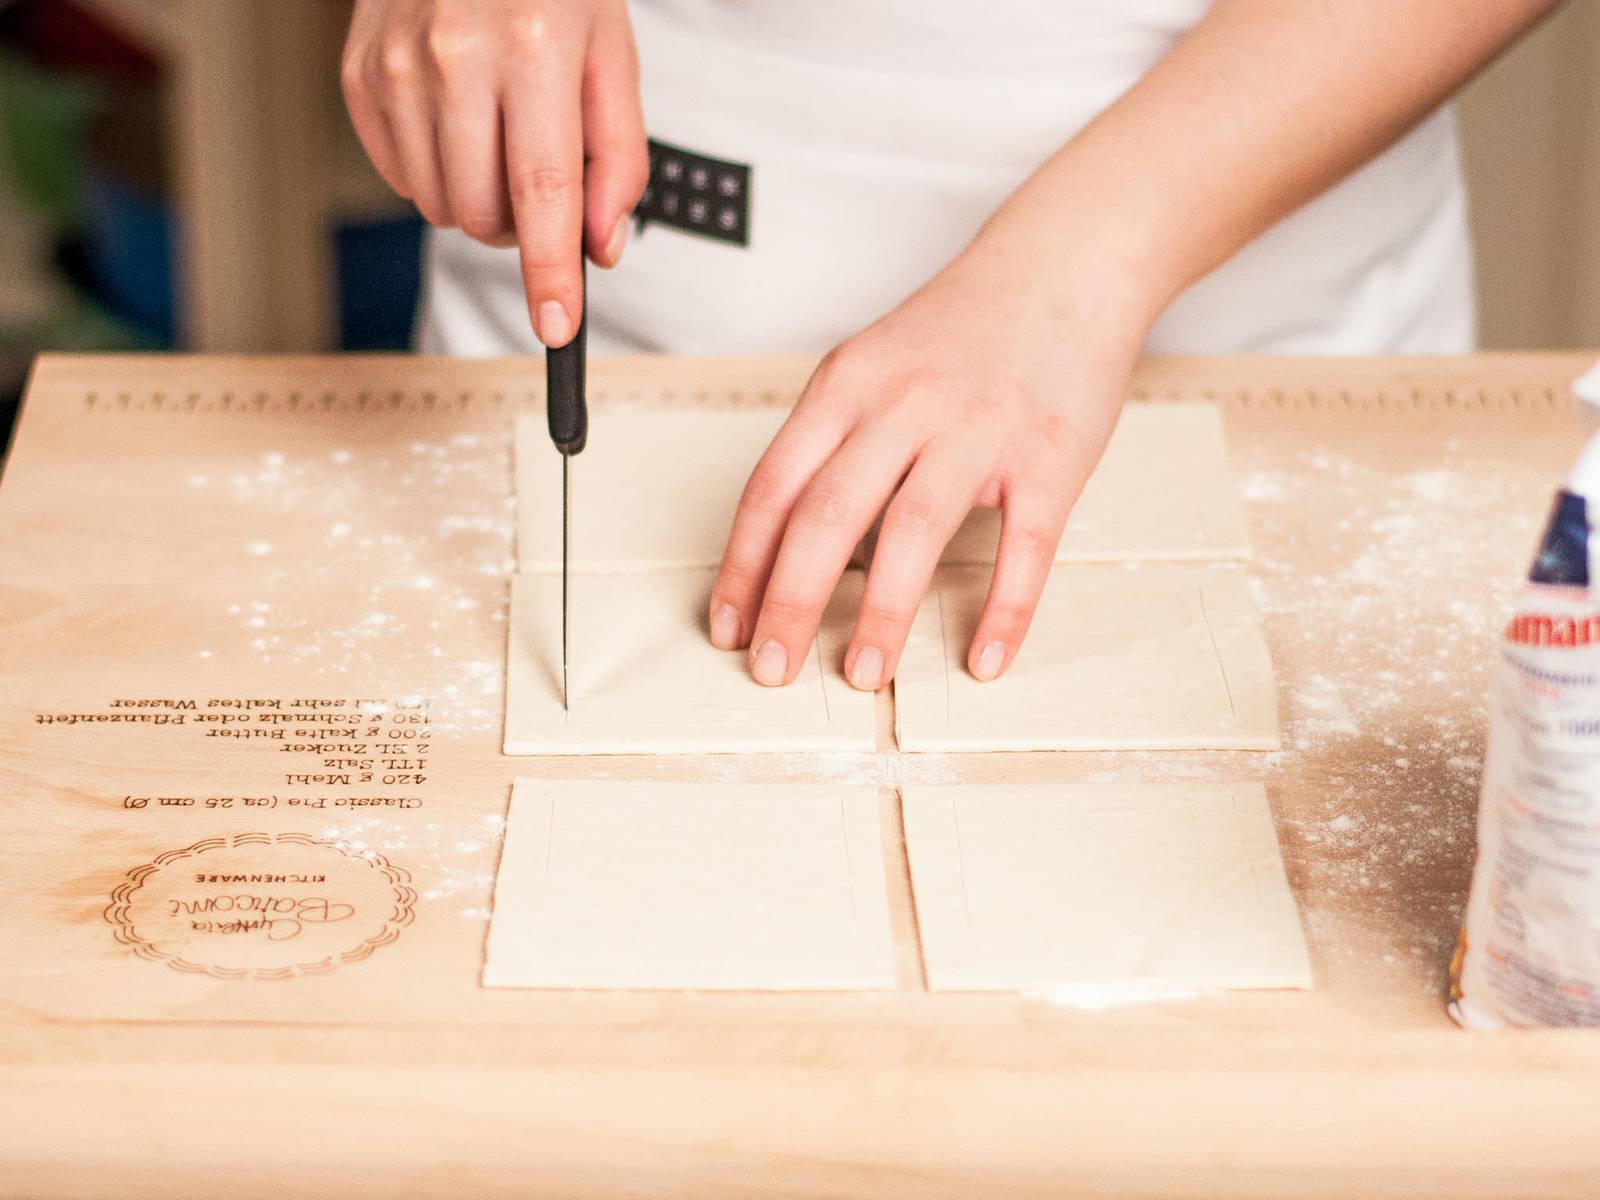 将烤箱预热至180摄氏度。用一把锋利的刀将已解冻的酥皮切分成6厘米见方的方块。